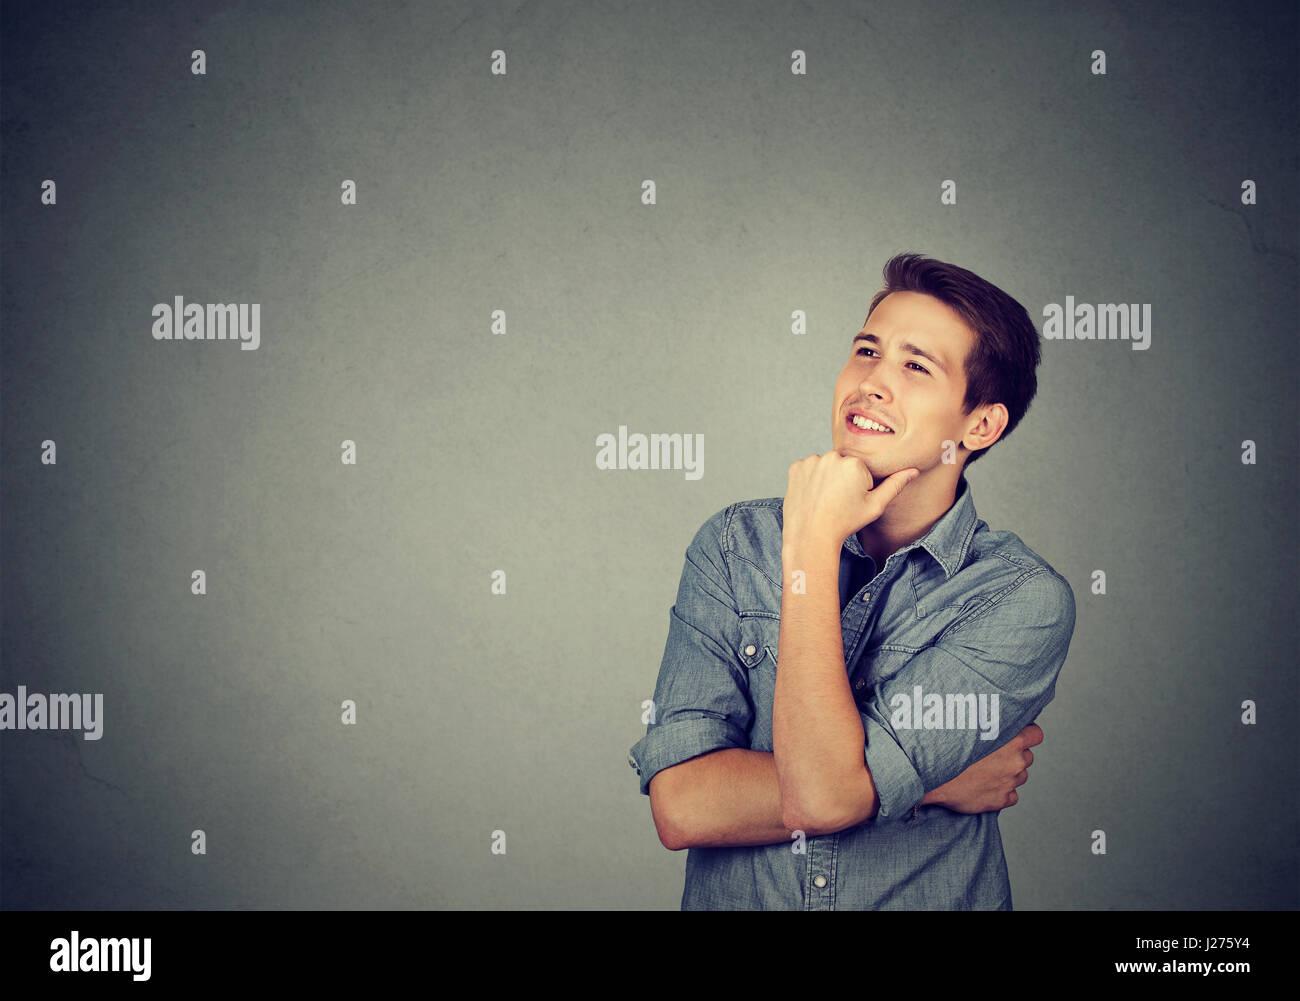 Heureux jeune homme jusqu'à la rêverie pensée isolé sur fond de mur gris Photo Stock